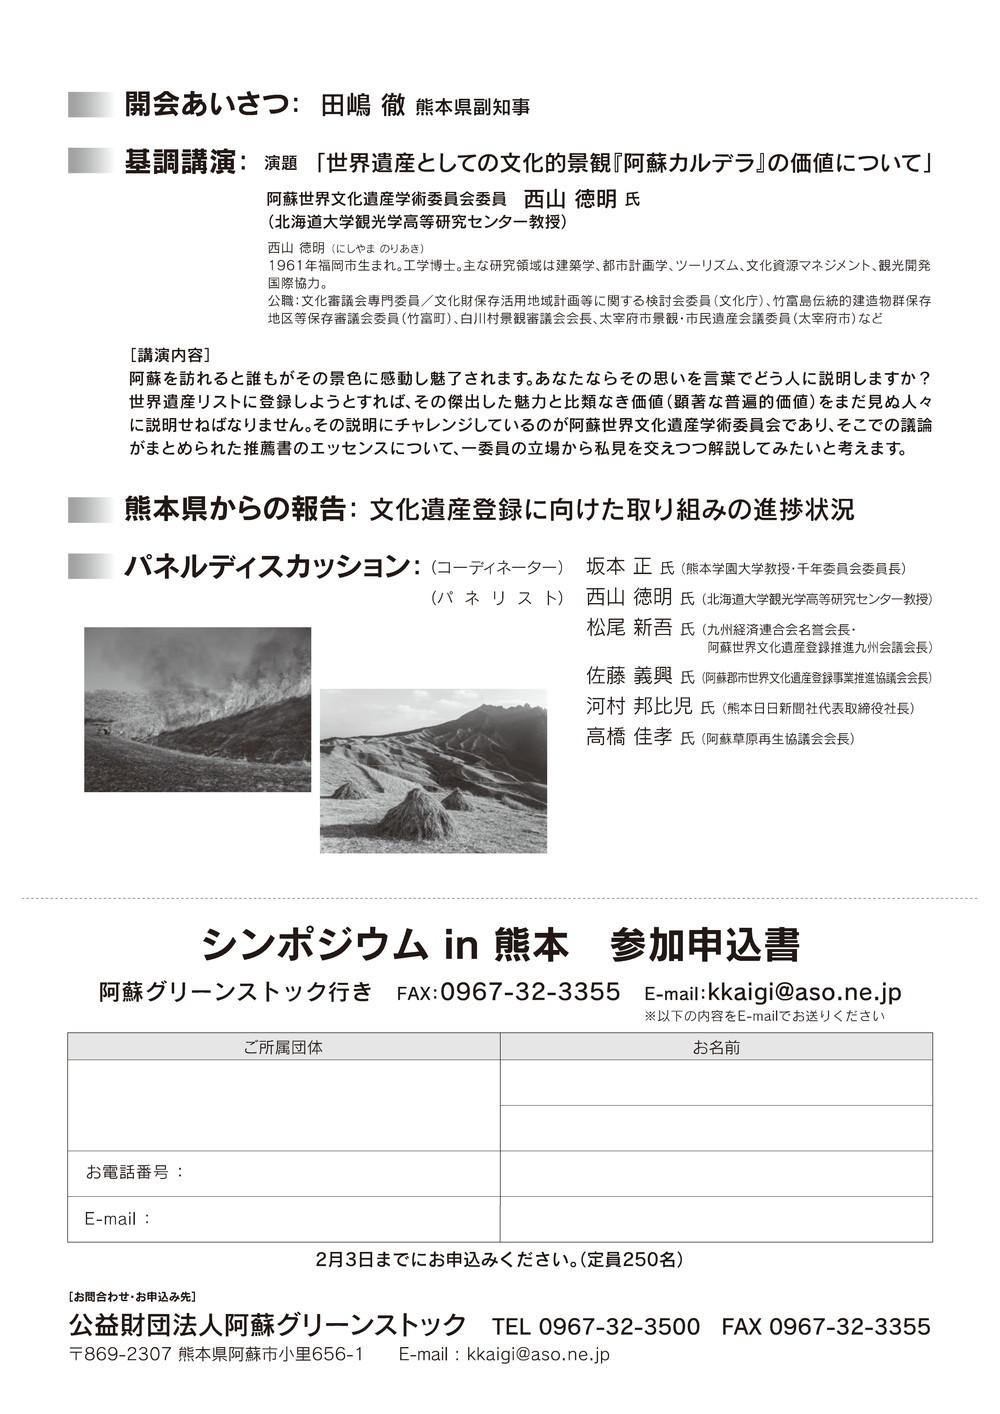 阿蘇の世界文化遺産登録をめざして!くまもとシンポジウム開催_a0114743_13070004.jpg